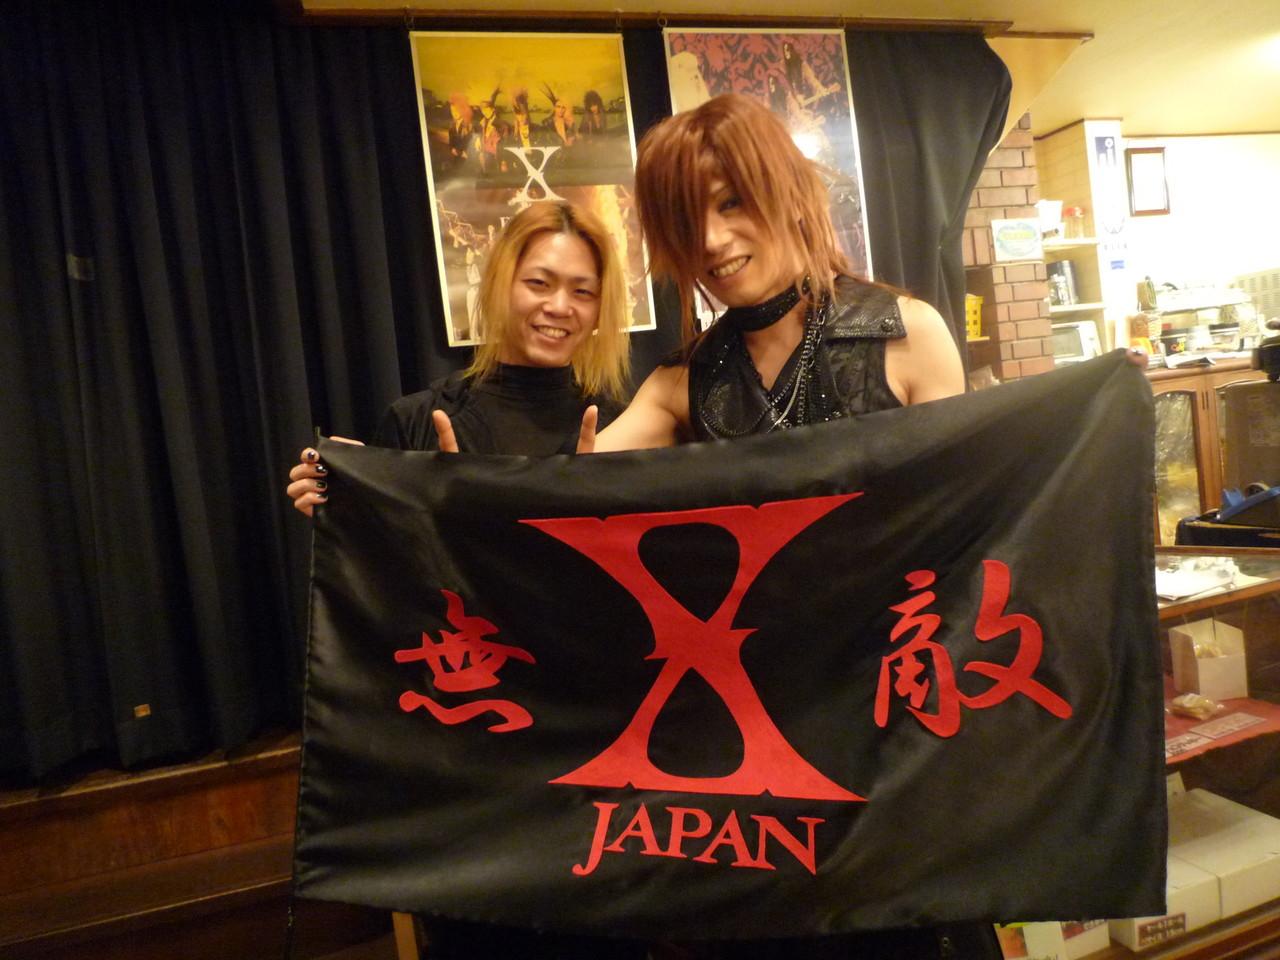 X-HIROSHIMA YUSHIさんと記念写真(^-^)v